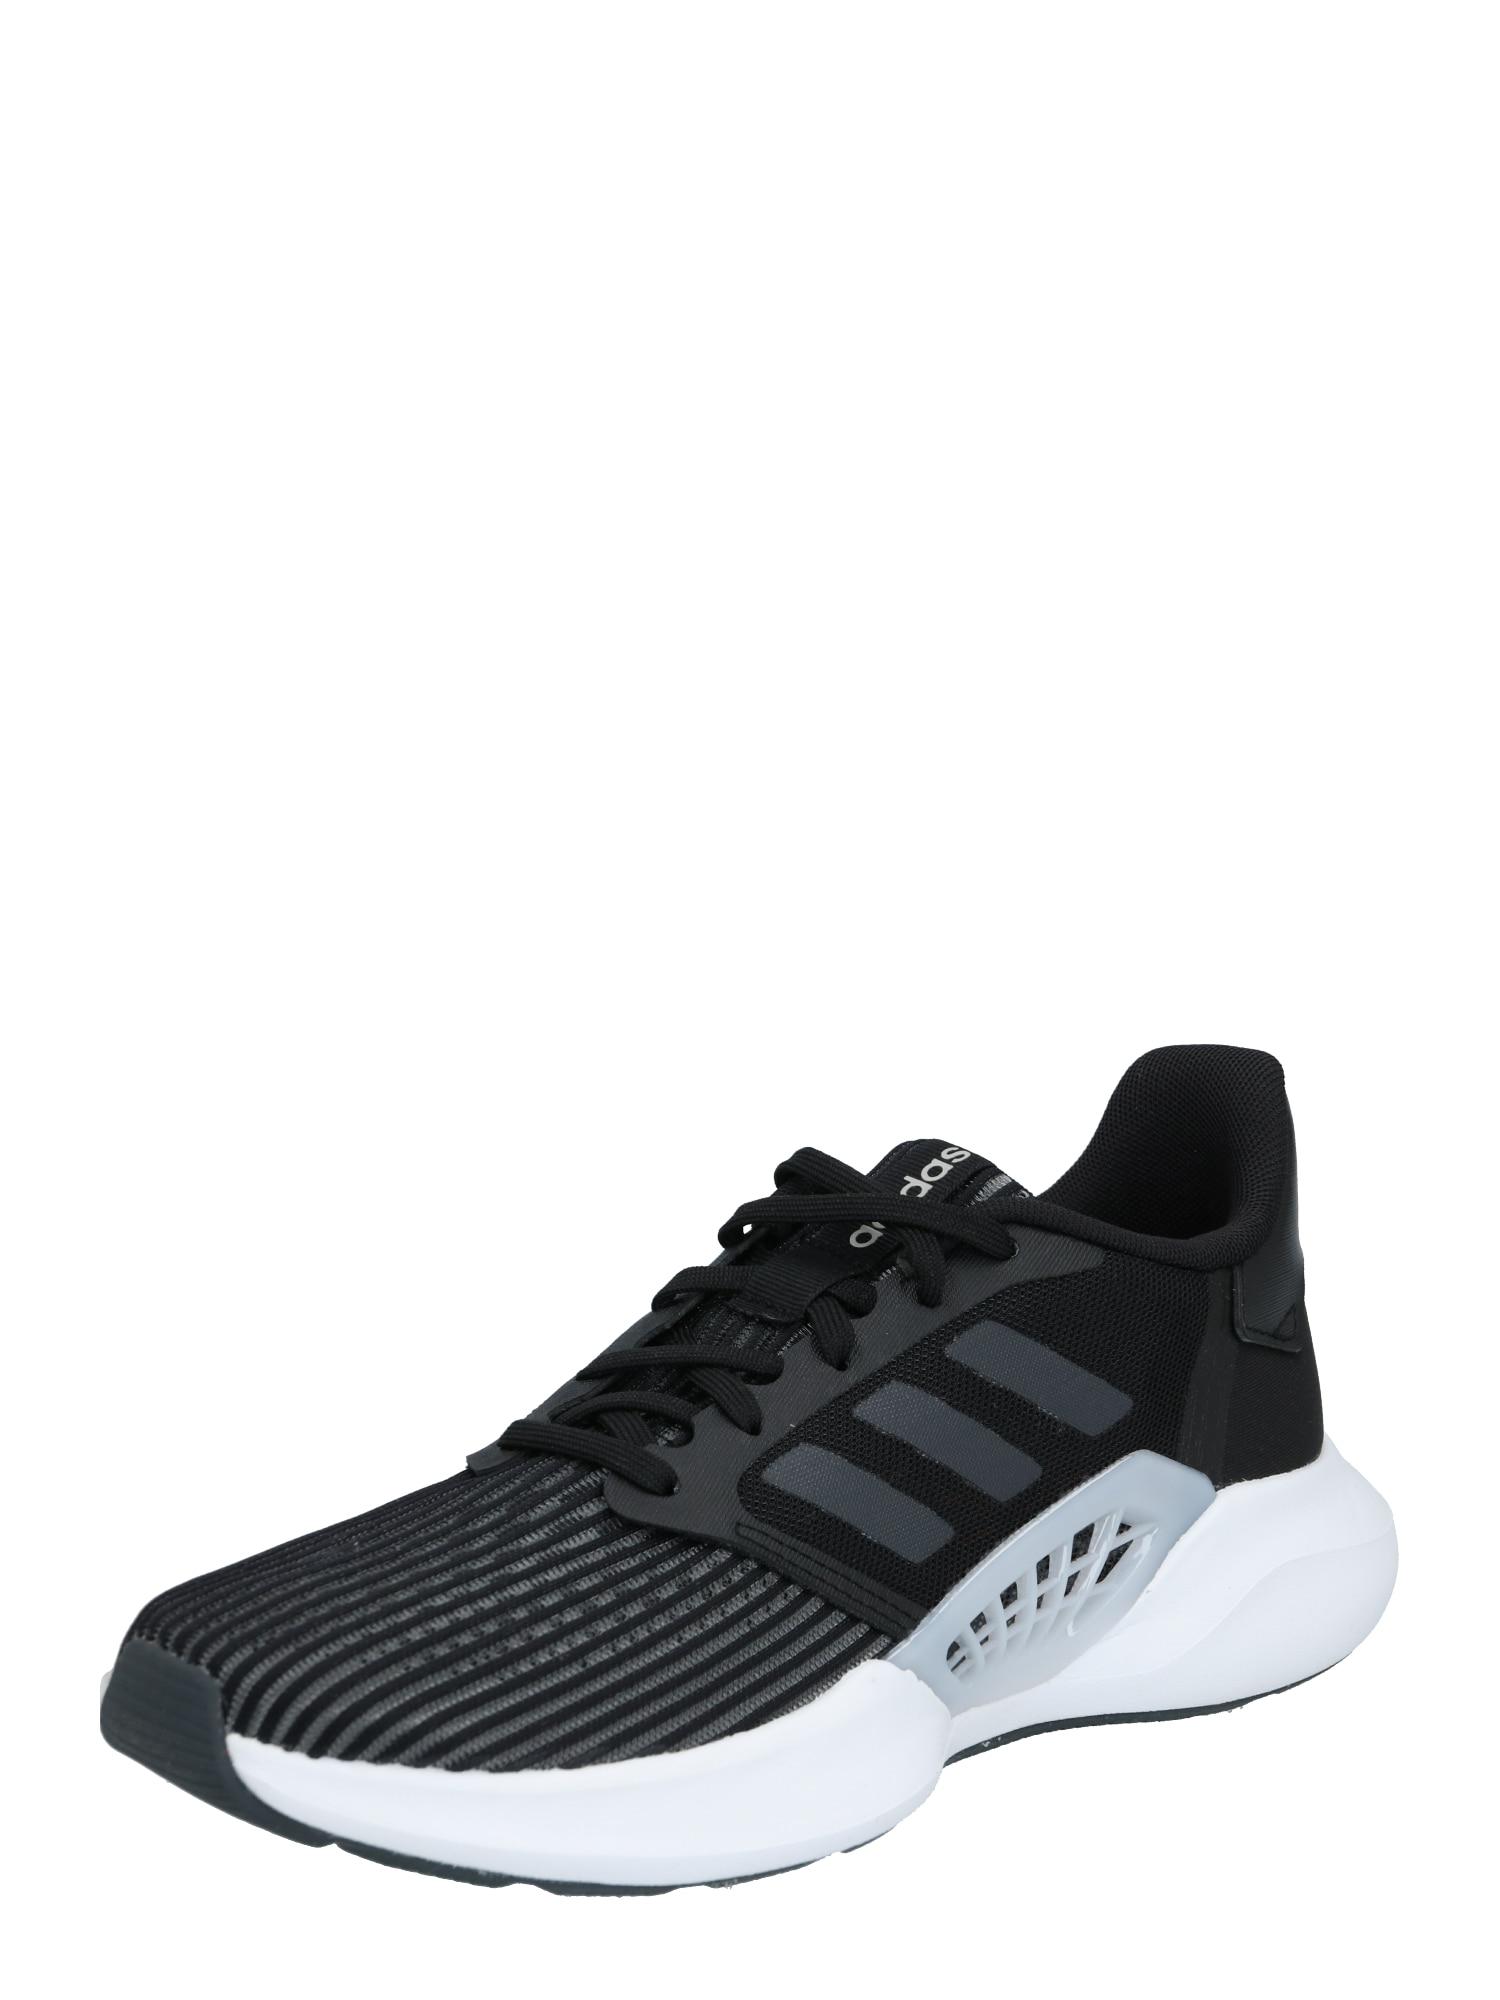 ADIDAS PERFORMANCE Sportiniai batai 'VENTICE' pilka / juoda